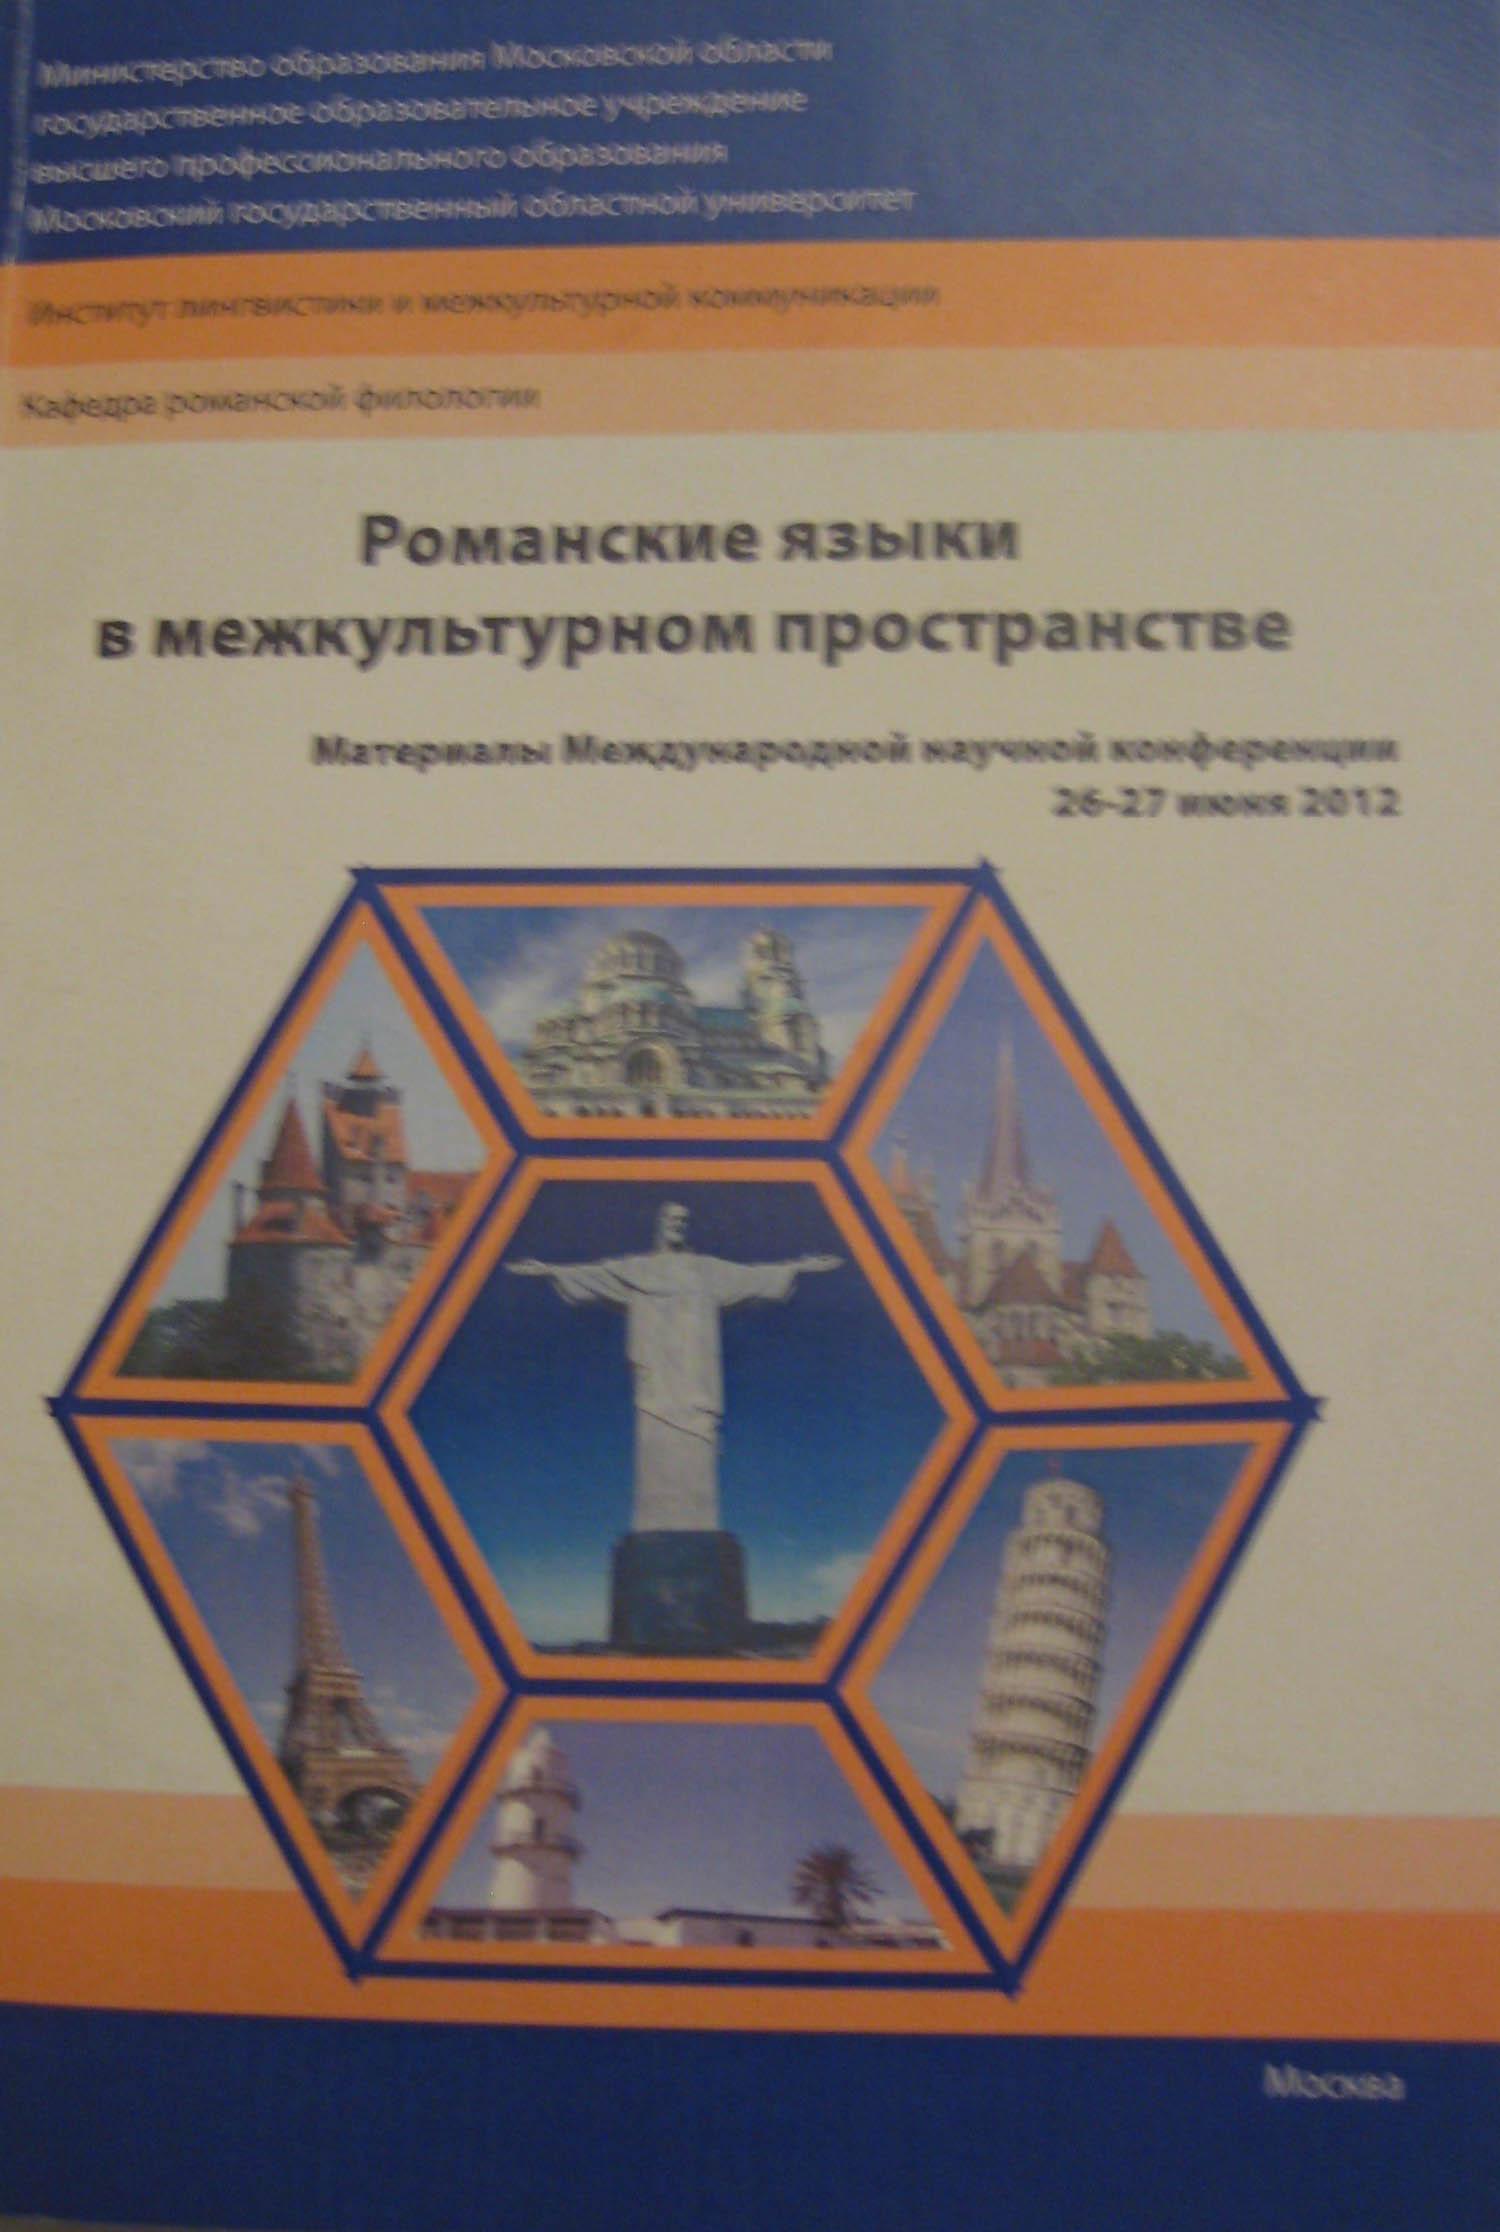 Романские языки в межкультурном пространстве: Материалы международной научной конференции 26-27 июня 2012